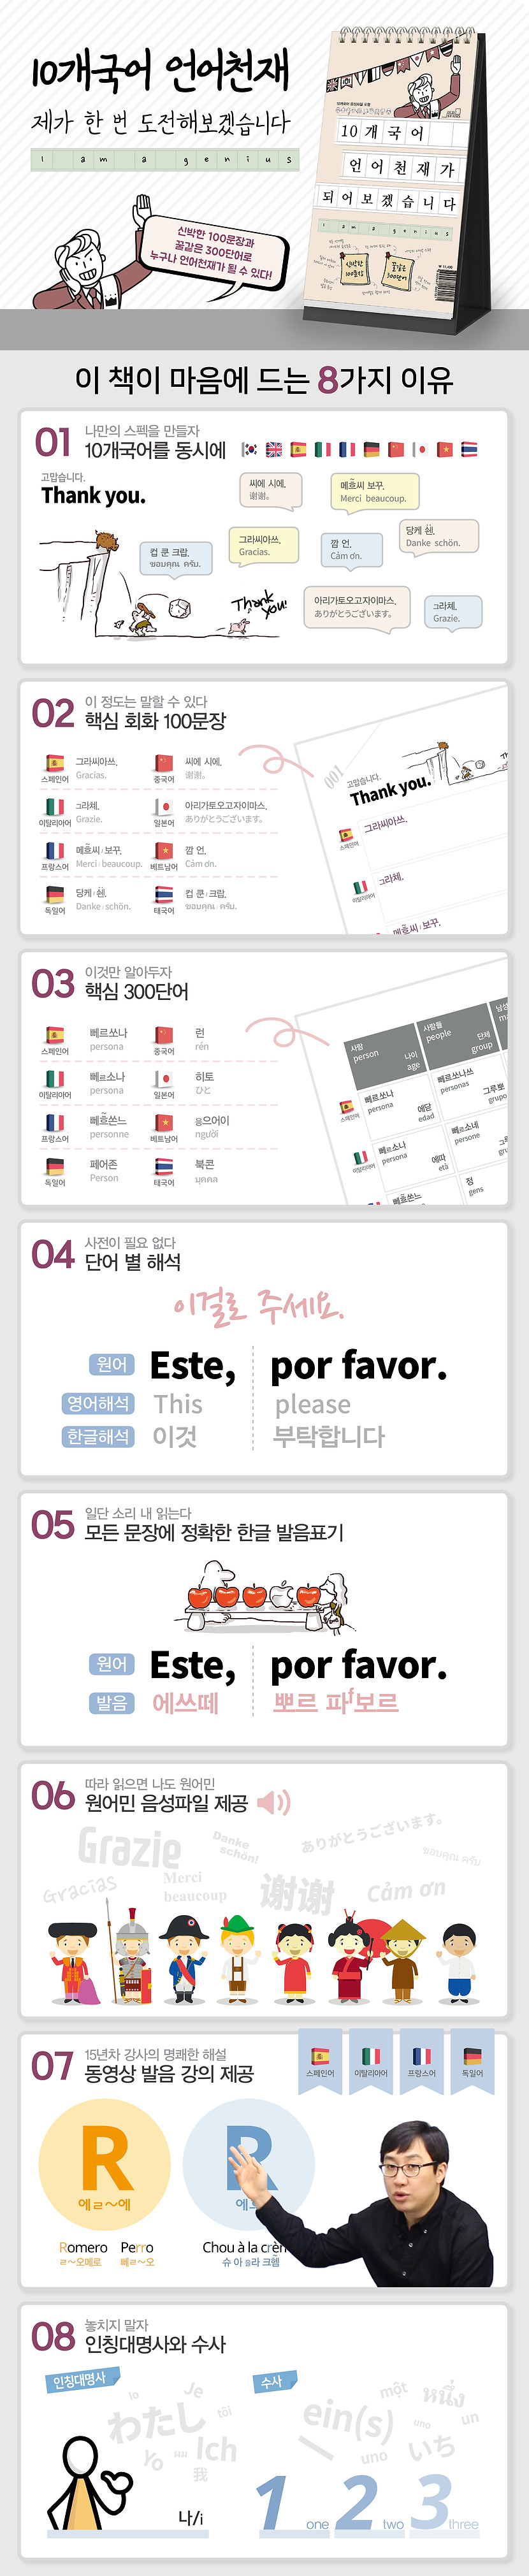 10개국어언어천재가되어보겠습니다_상세보기.jpg